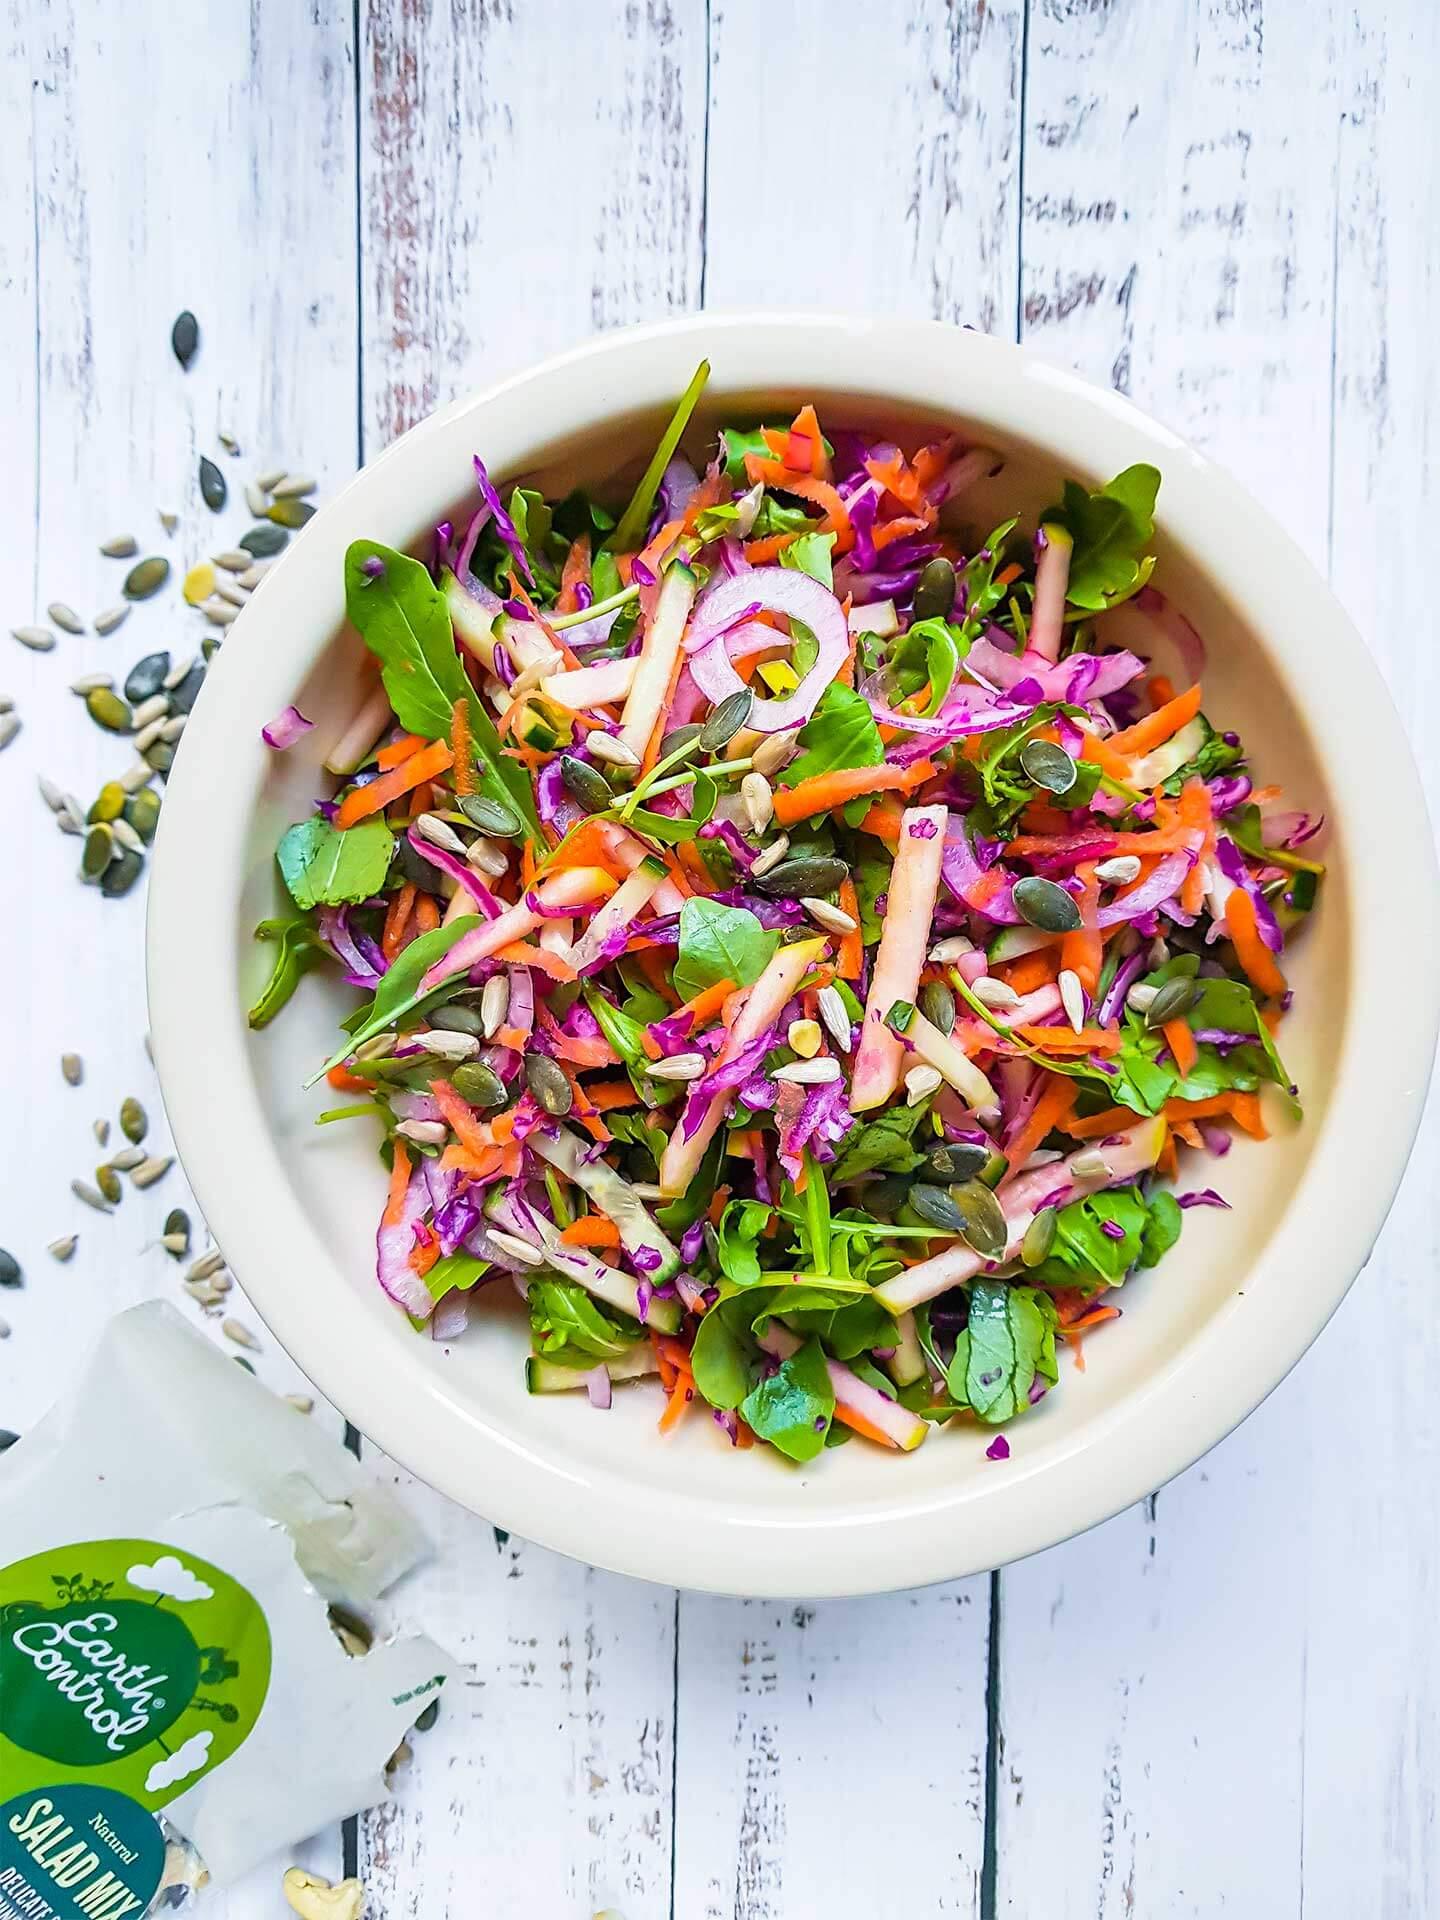 Värikäs salaatti